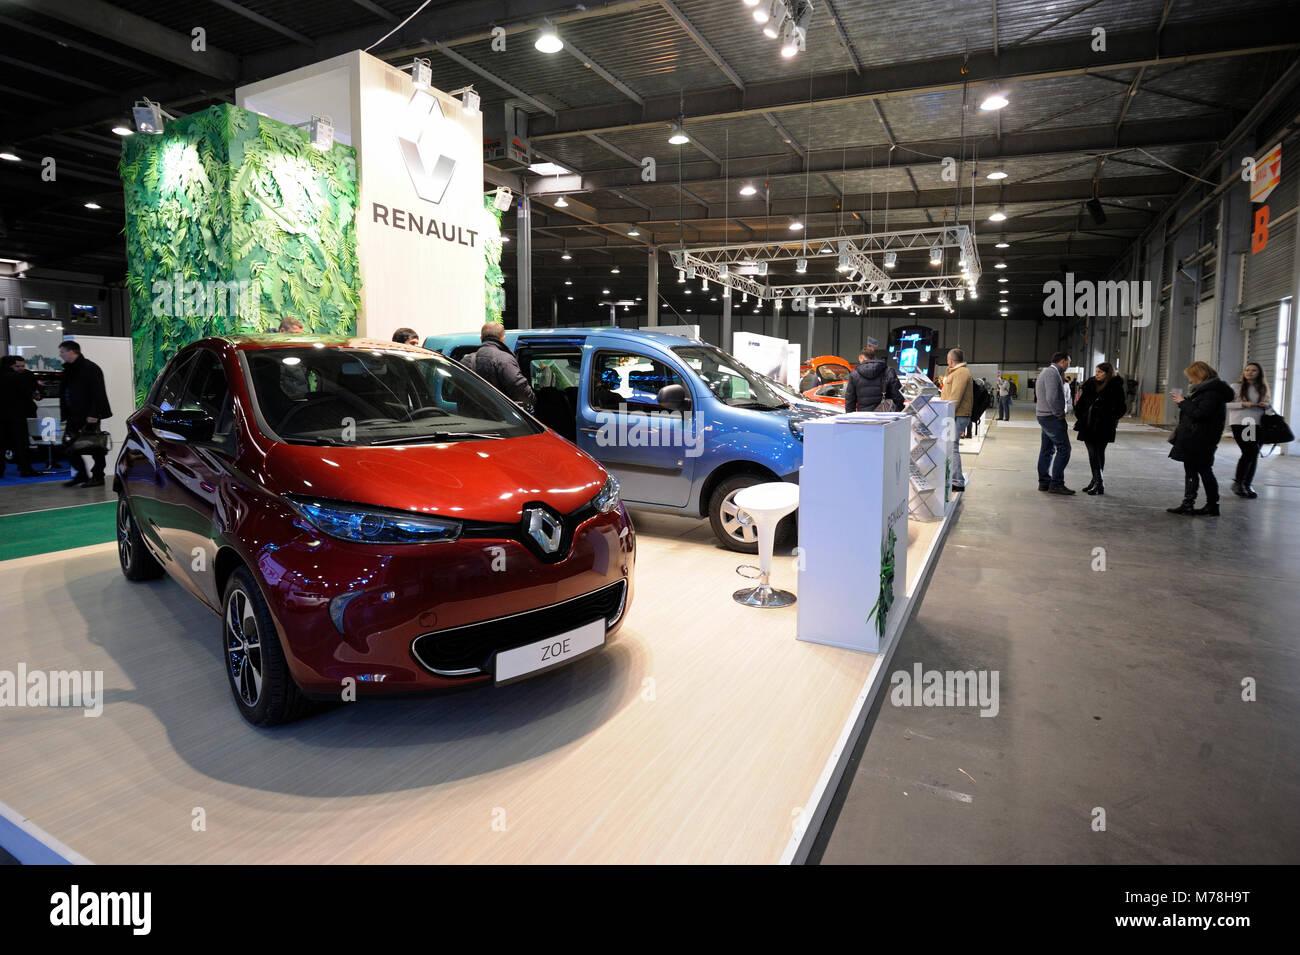 Nuove auto ibride hanno dimostrato durante il periodo di esposizioni PLUG-IN UCRAINA NEL 2018. Il 2 marzo 2018. Immagini Stock